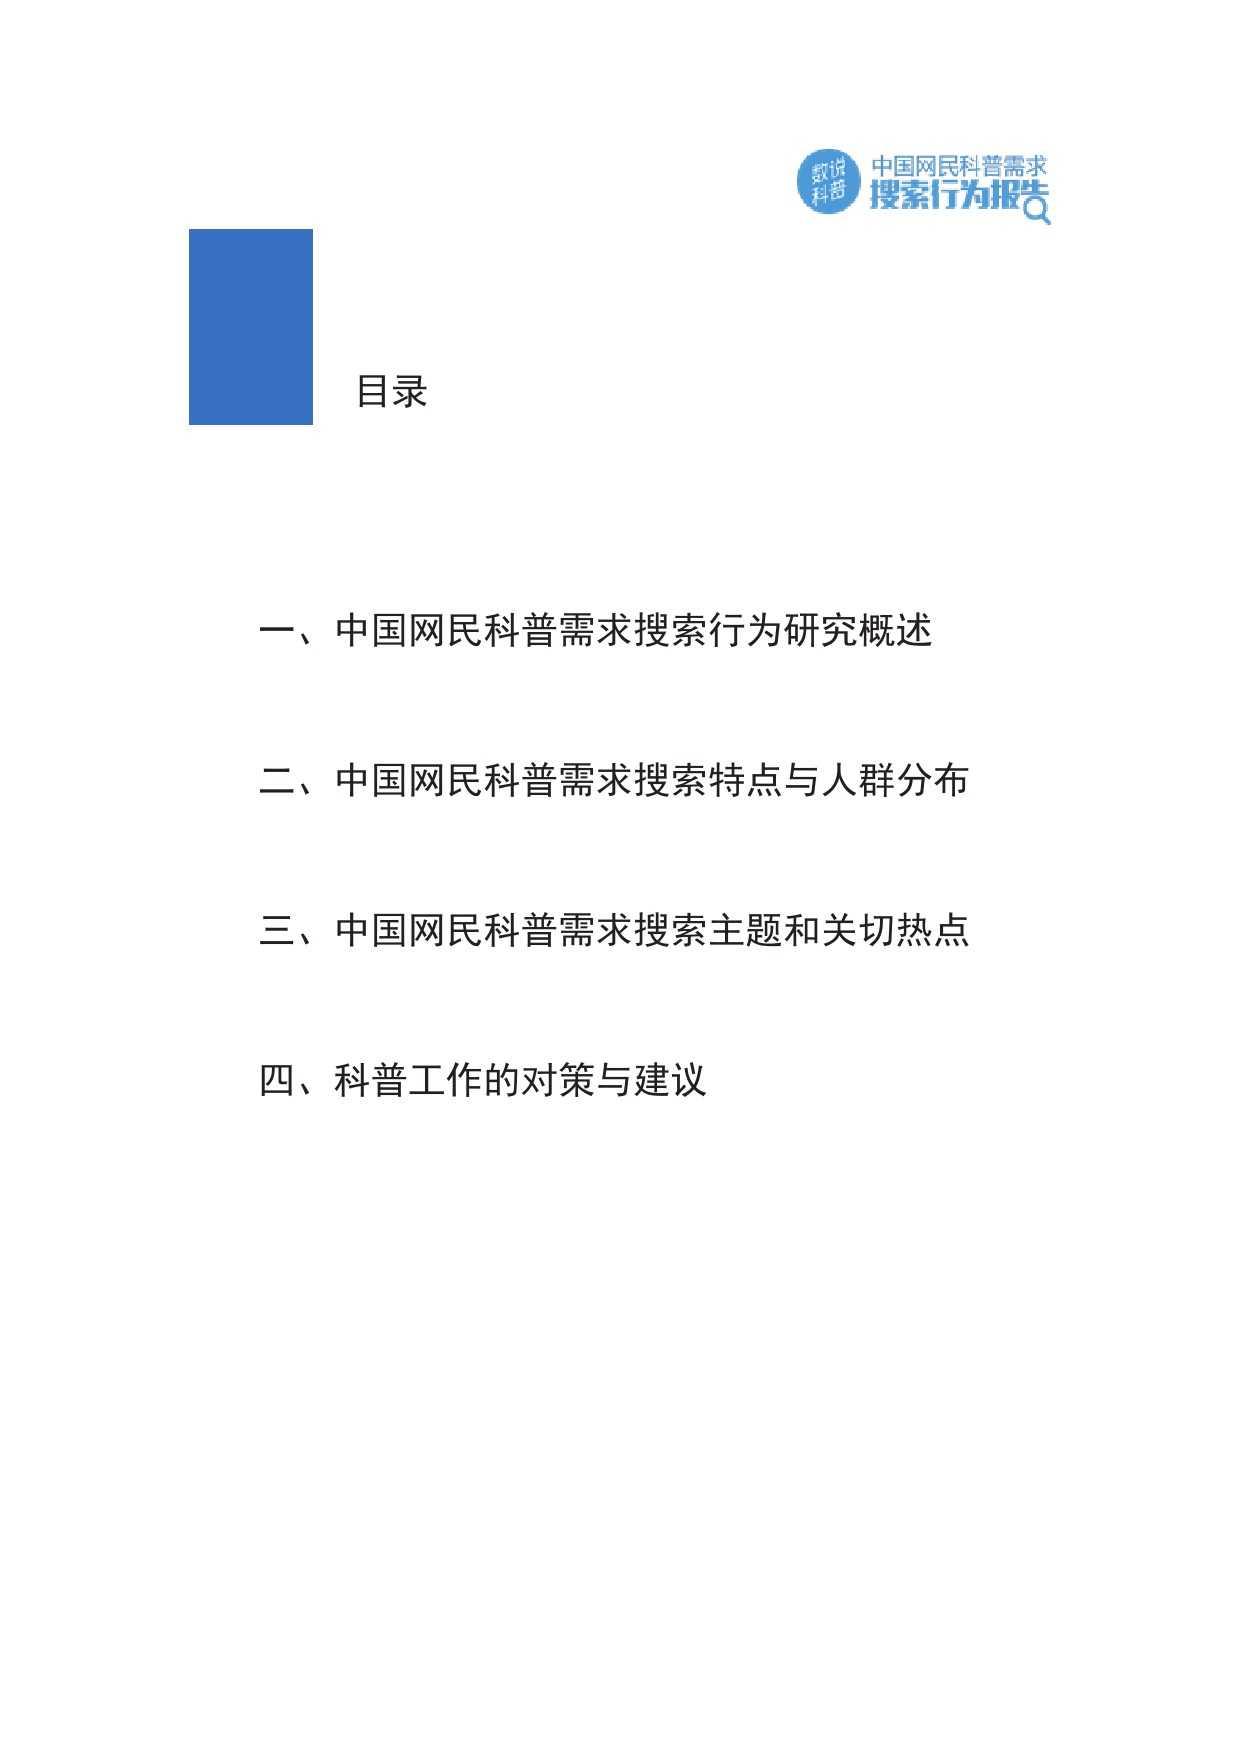 百度:2015年Q2中国网民科普需求搜索行为报告_000002